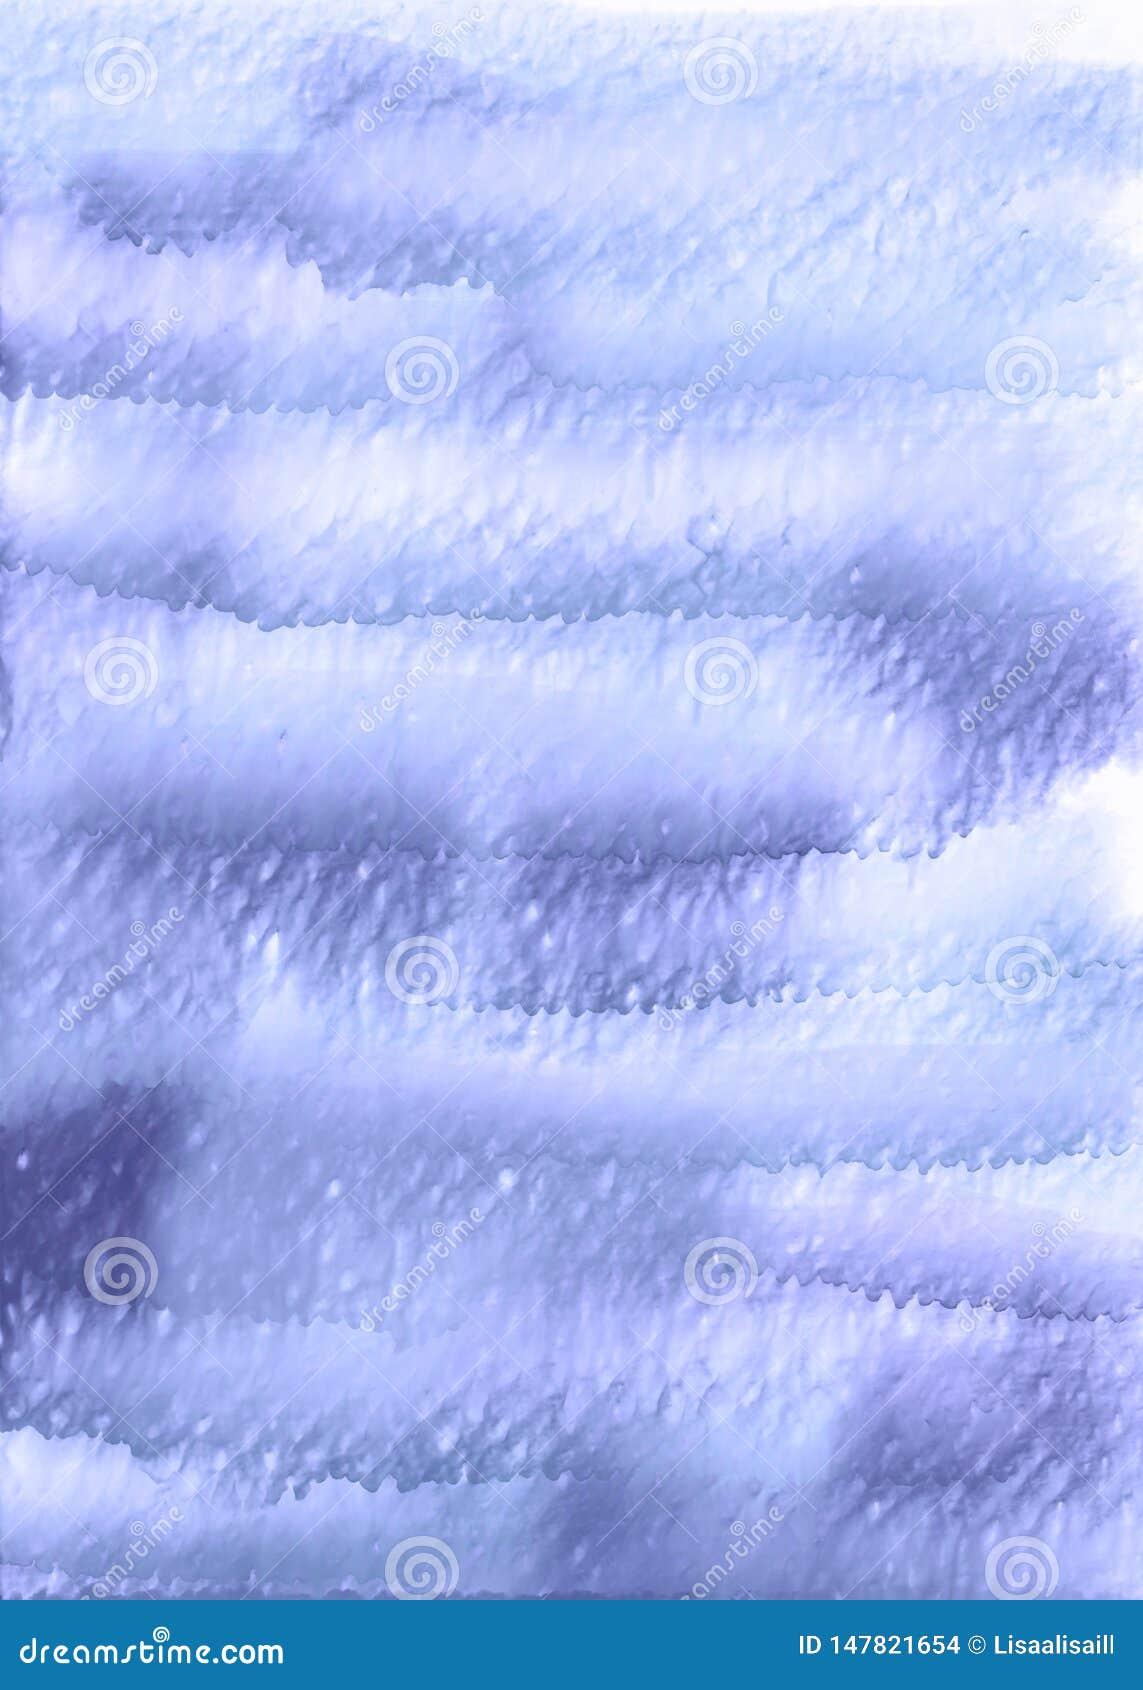 Μπλε κάθετο υπόβαθρο watercolor Το χέρι σύρει το σκηνικό watercolor με το ρέοντας χρώμα και το νερό